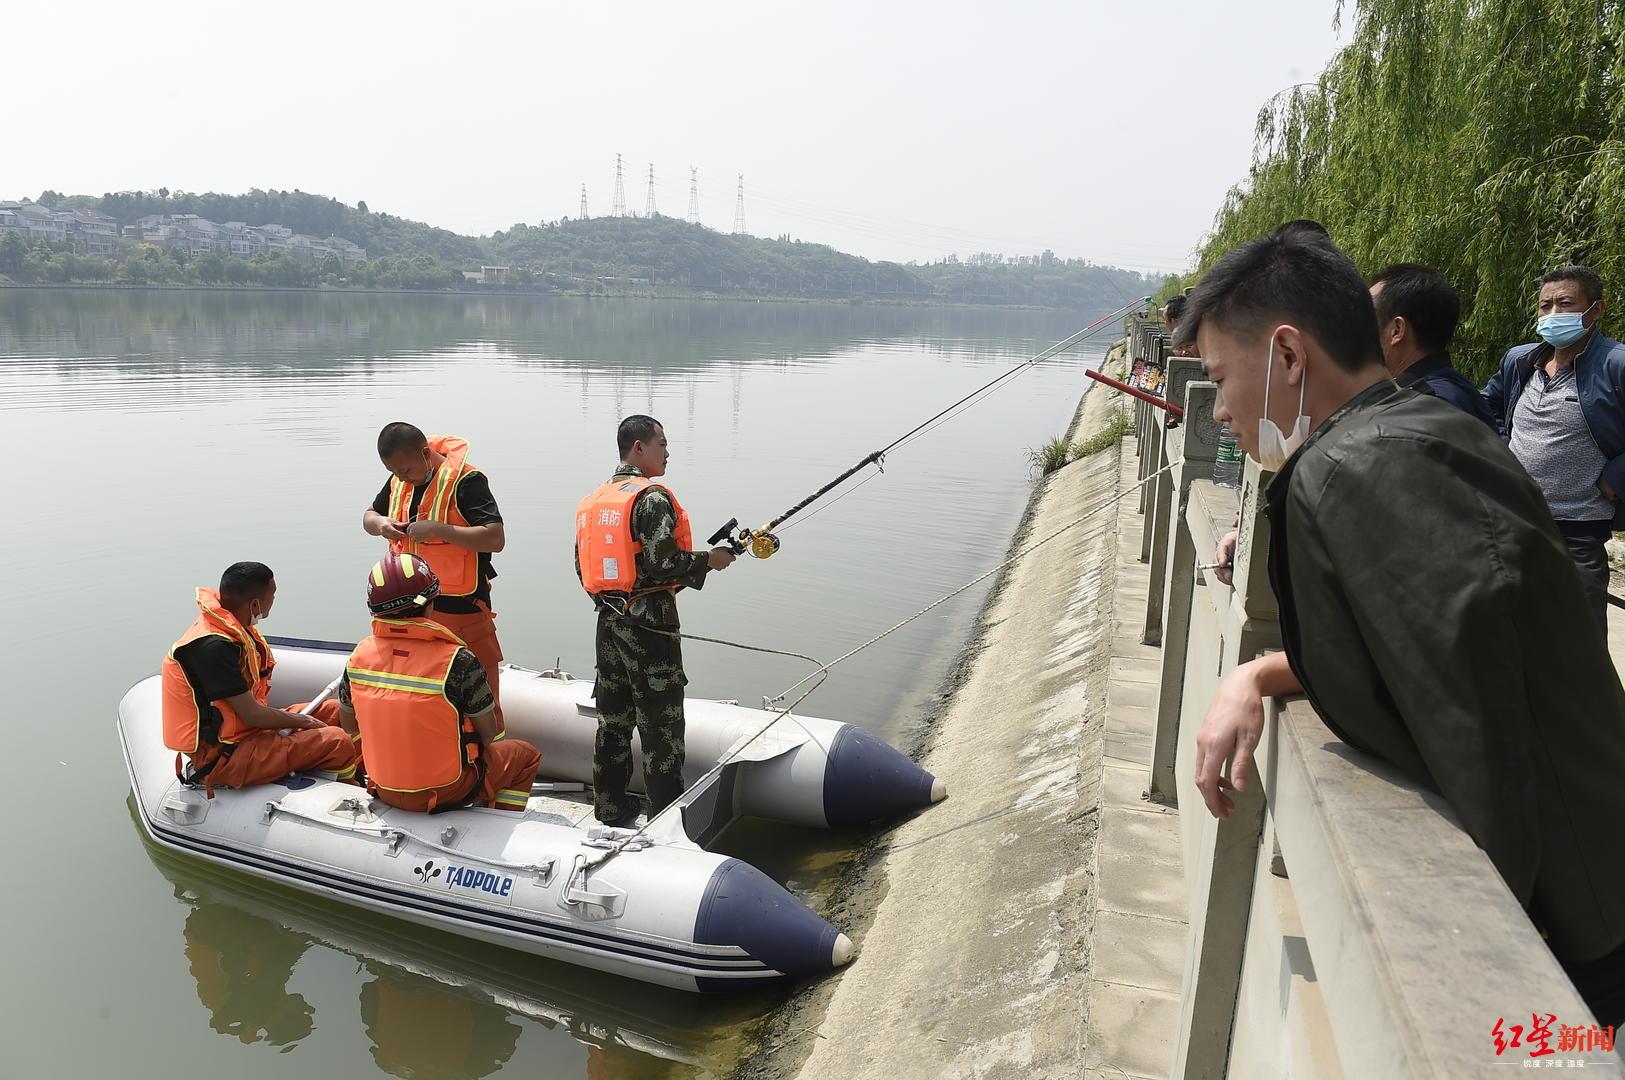 男子因腰痛求医后被确诊,此前持湖北健康码返回广州